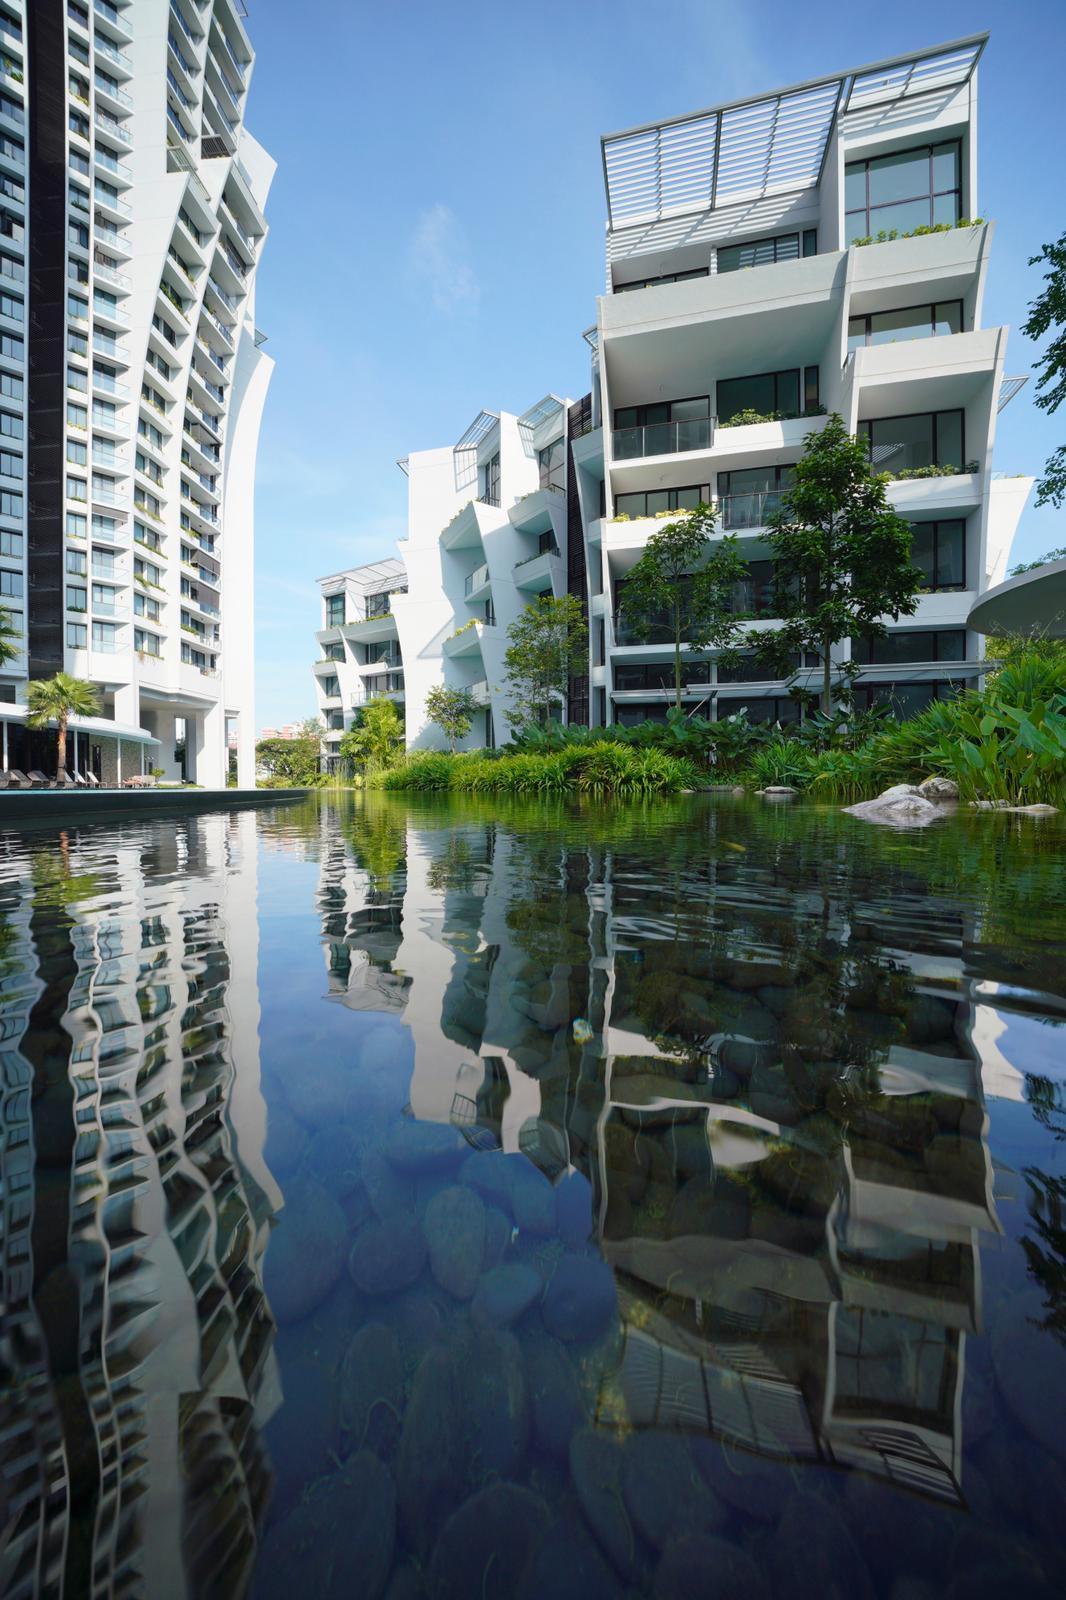 六安新加坡御苑-新加坡御苑 二手房房源出售买卖-悟空找房